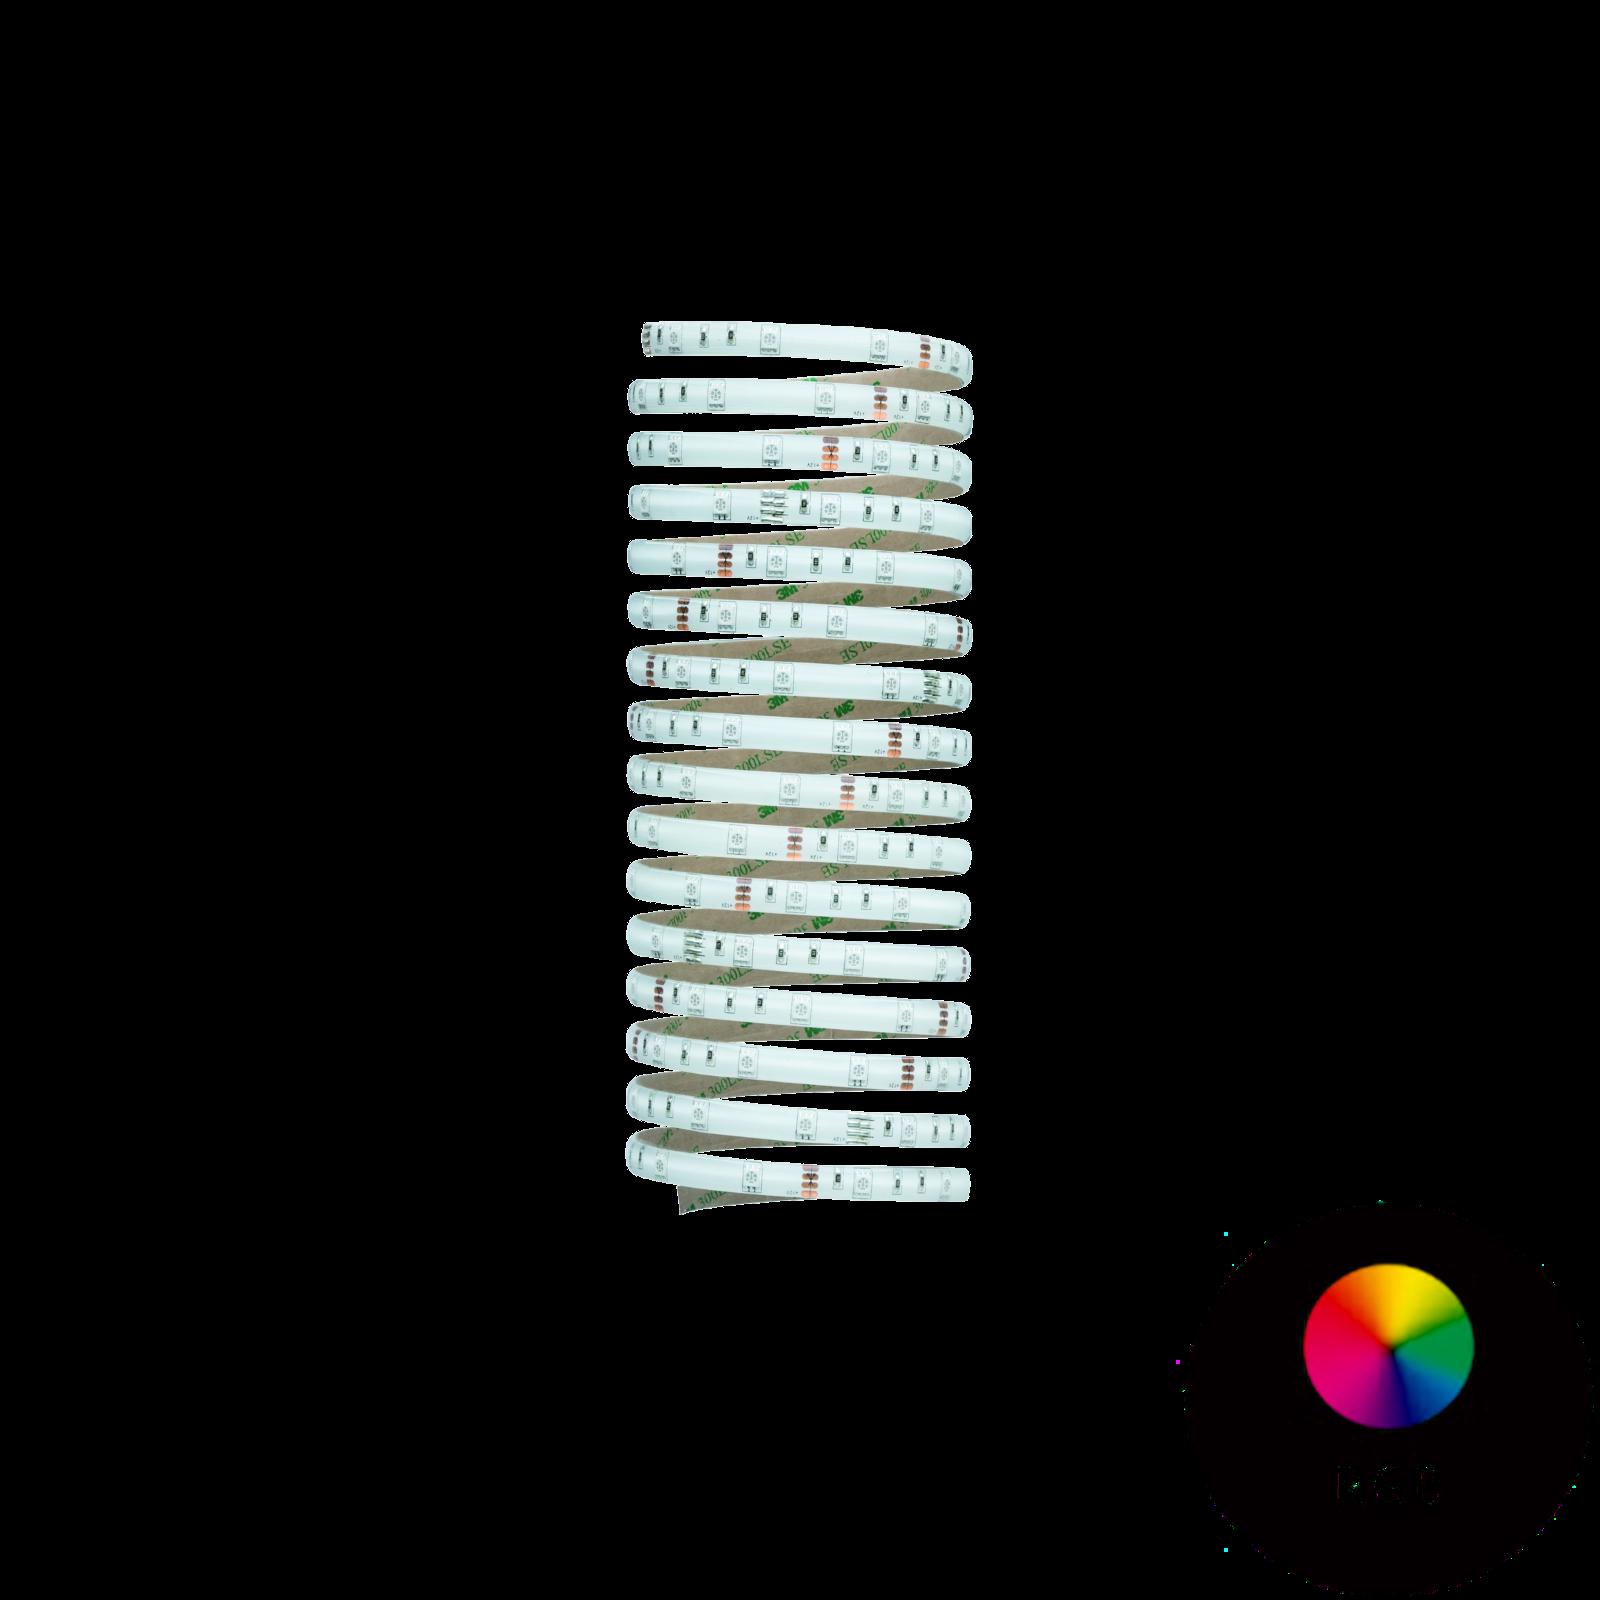 Paulmann LED-Strip Flaex 5 m - RGB Farblichtsteuerung